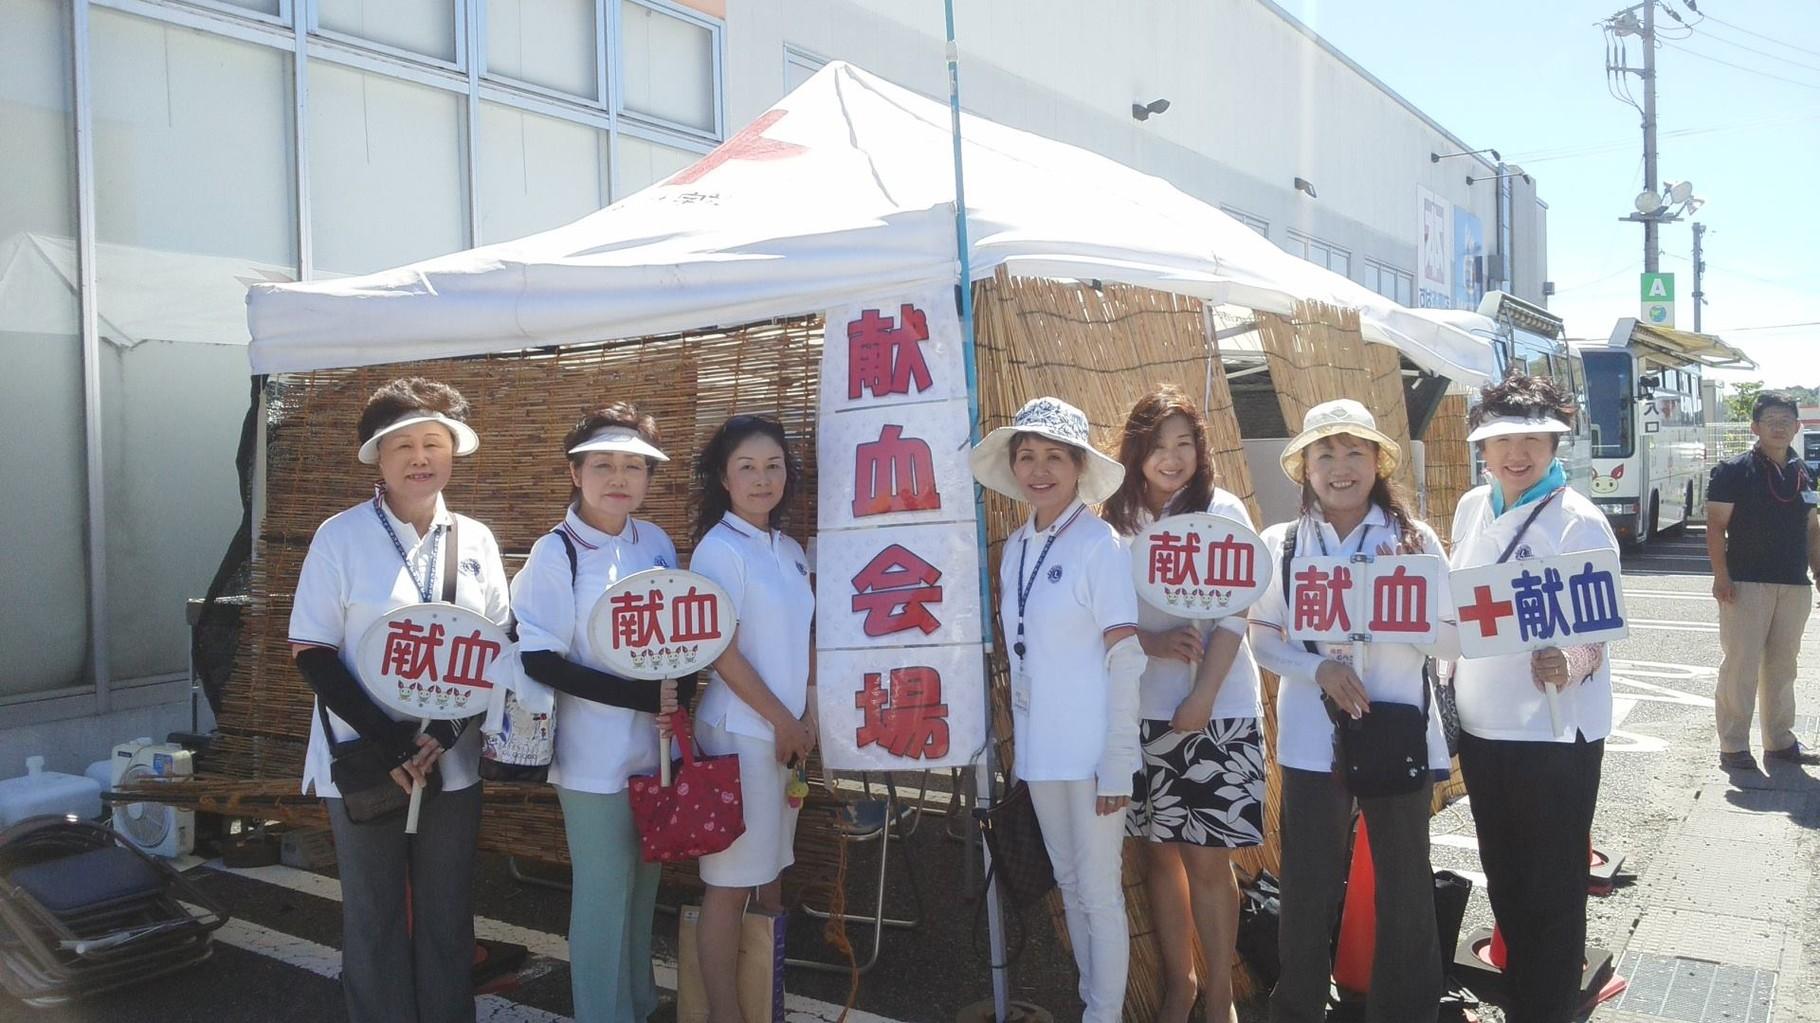 7月21日午後に参加の佐倉むらさきライオンズクラブ会員